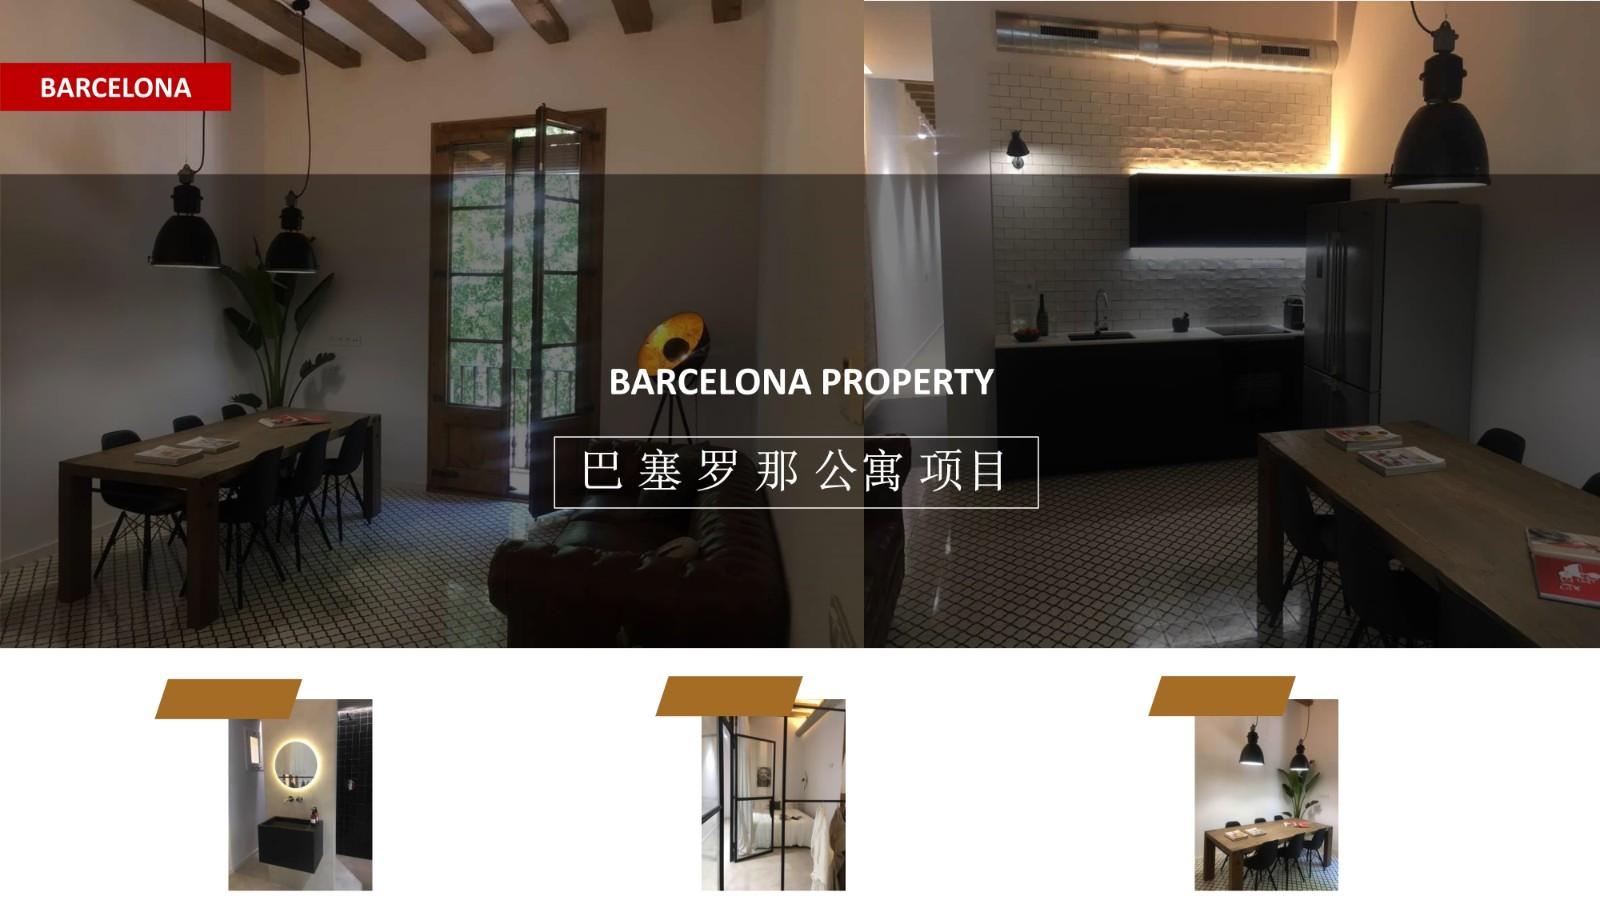 西班牙购房移民:巴塞罗那市区精装3房